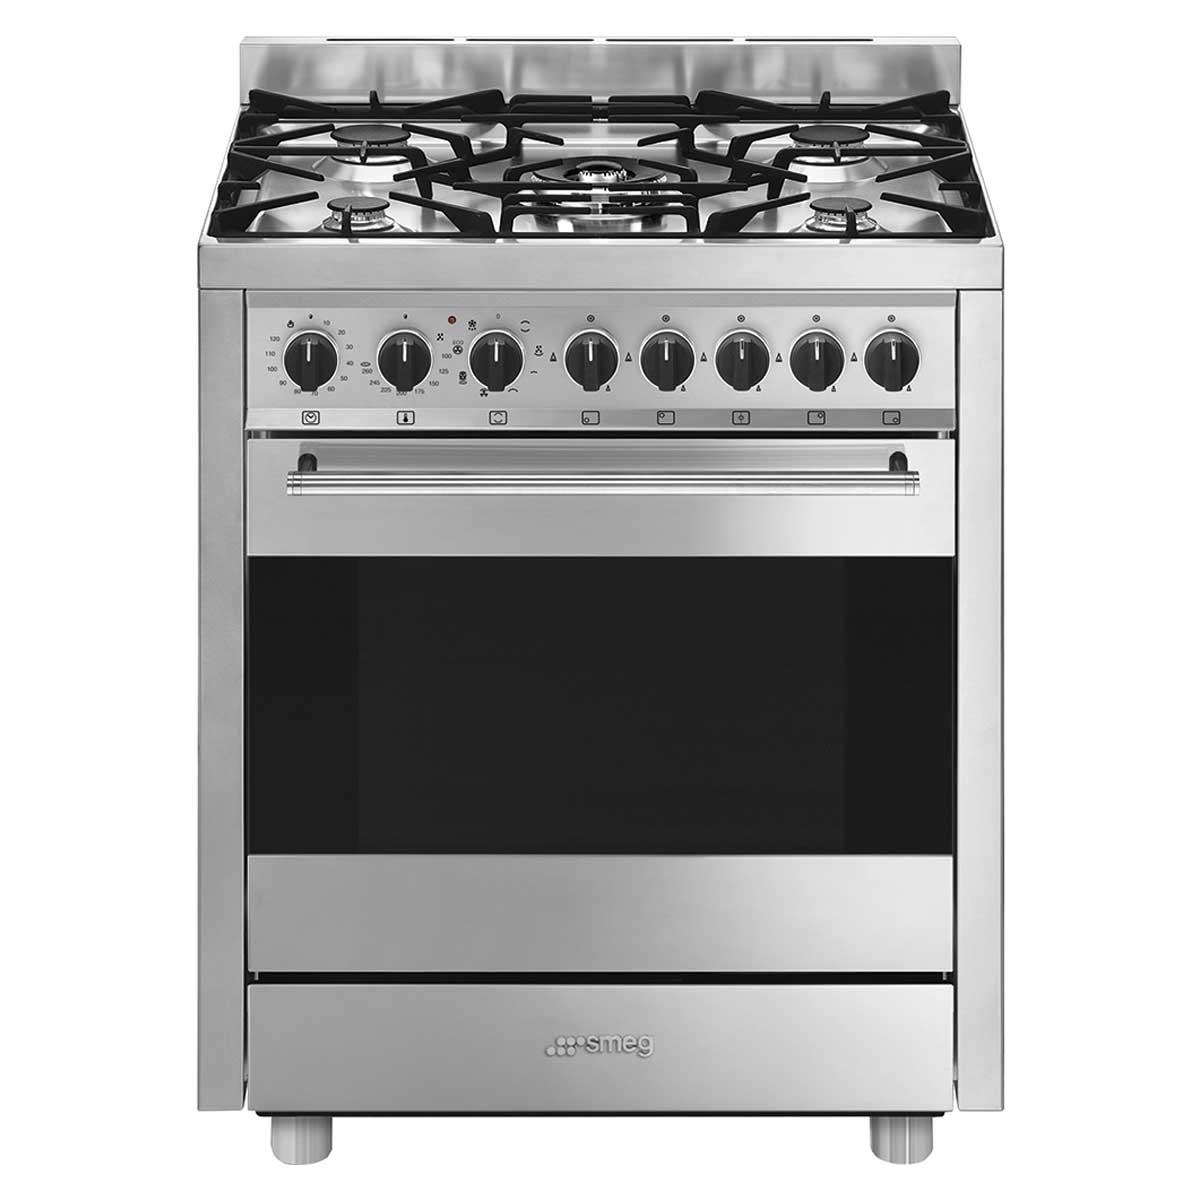 Classifica Cucine Qualità Prezzo migliori cucine a gas del 2020